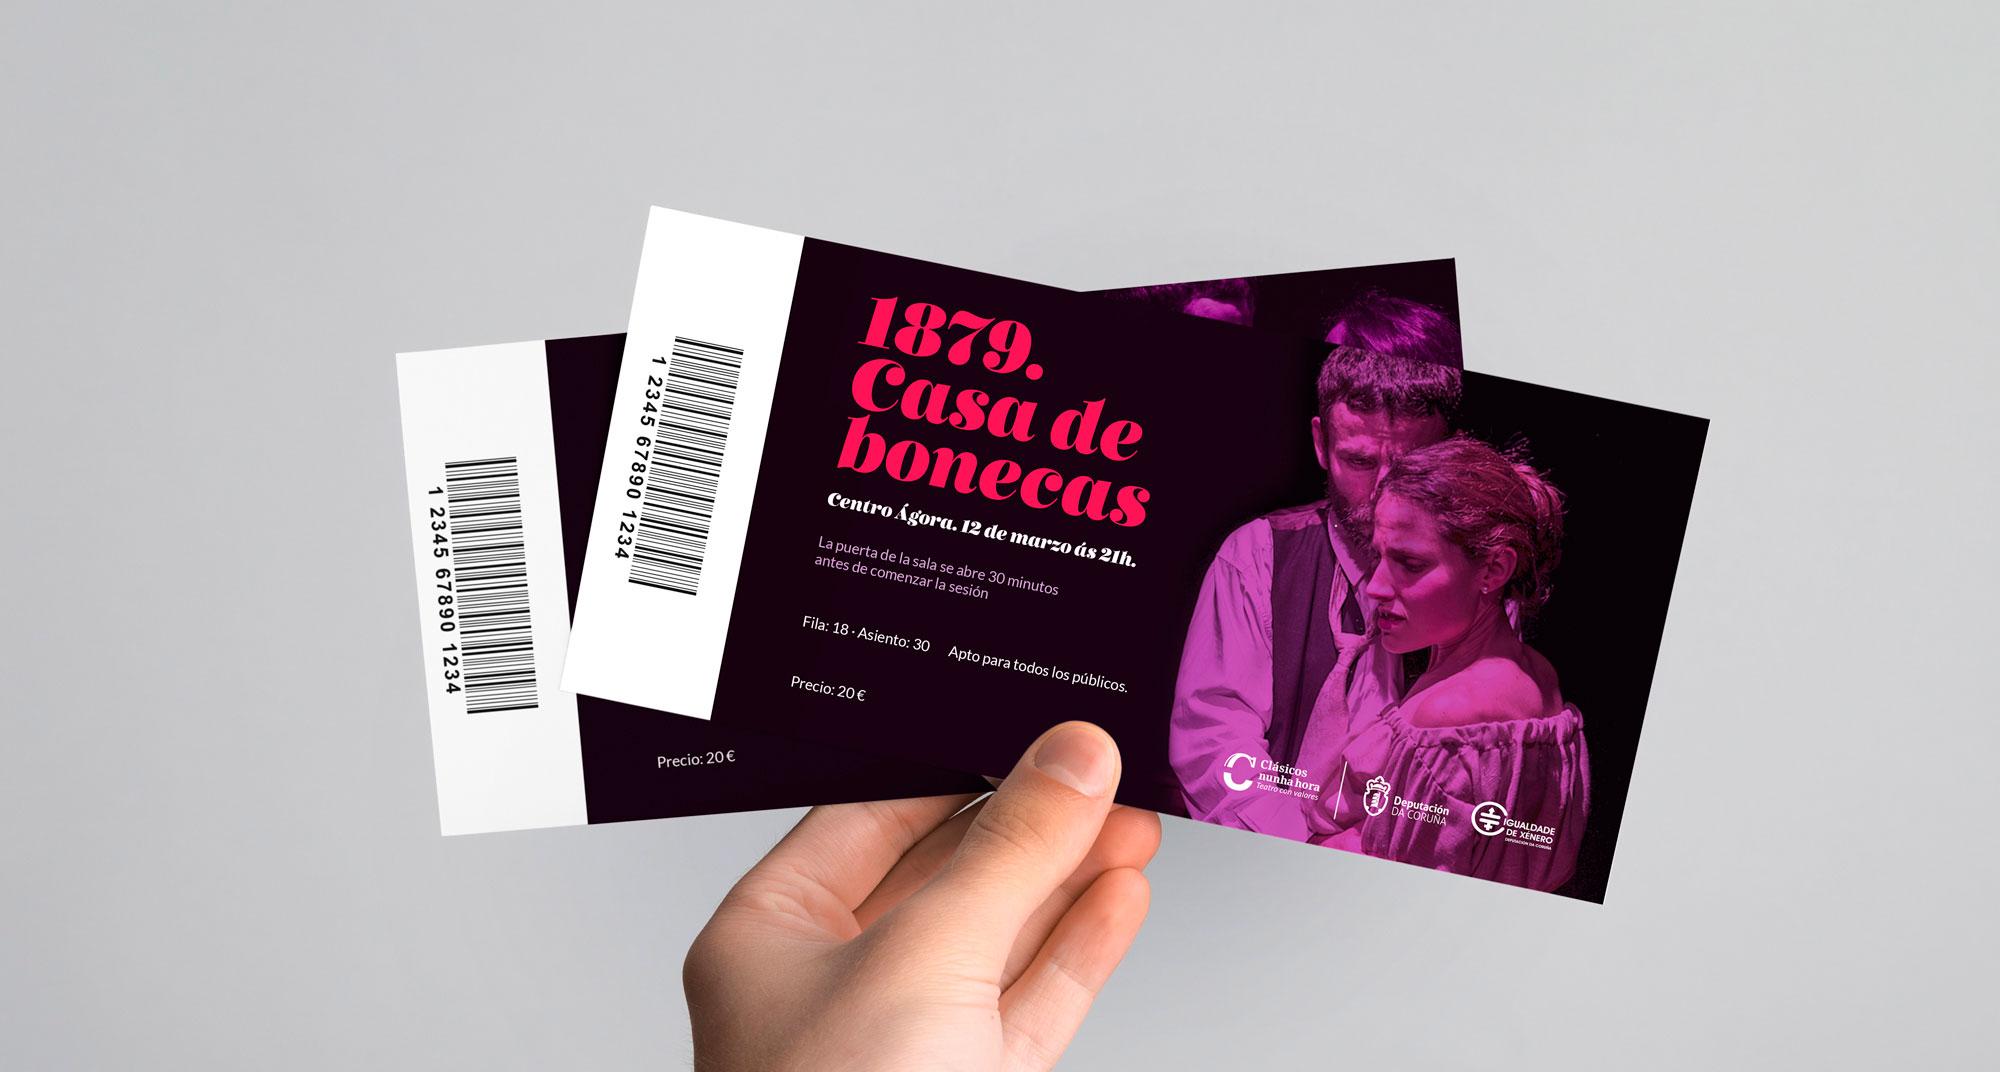 creatividad para entradas para la obra de teatro Casa de bonecas, diseñadas con tres tonos de color y una tipografía caligráfica